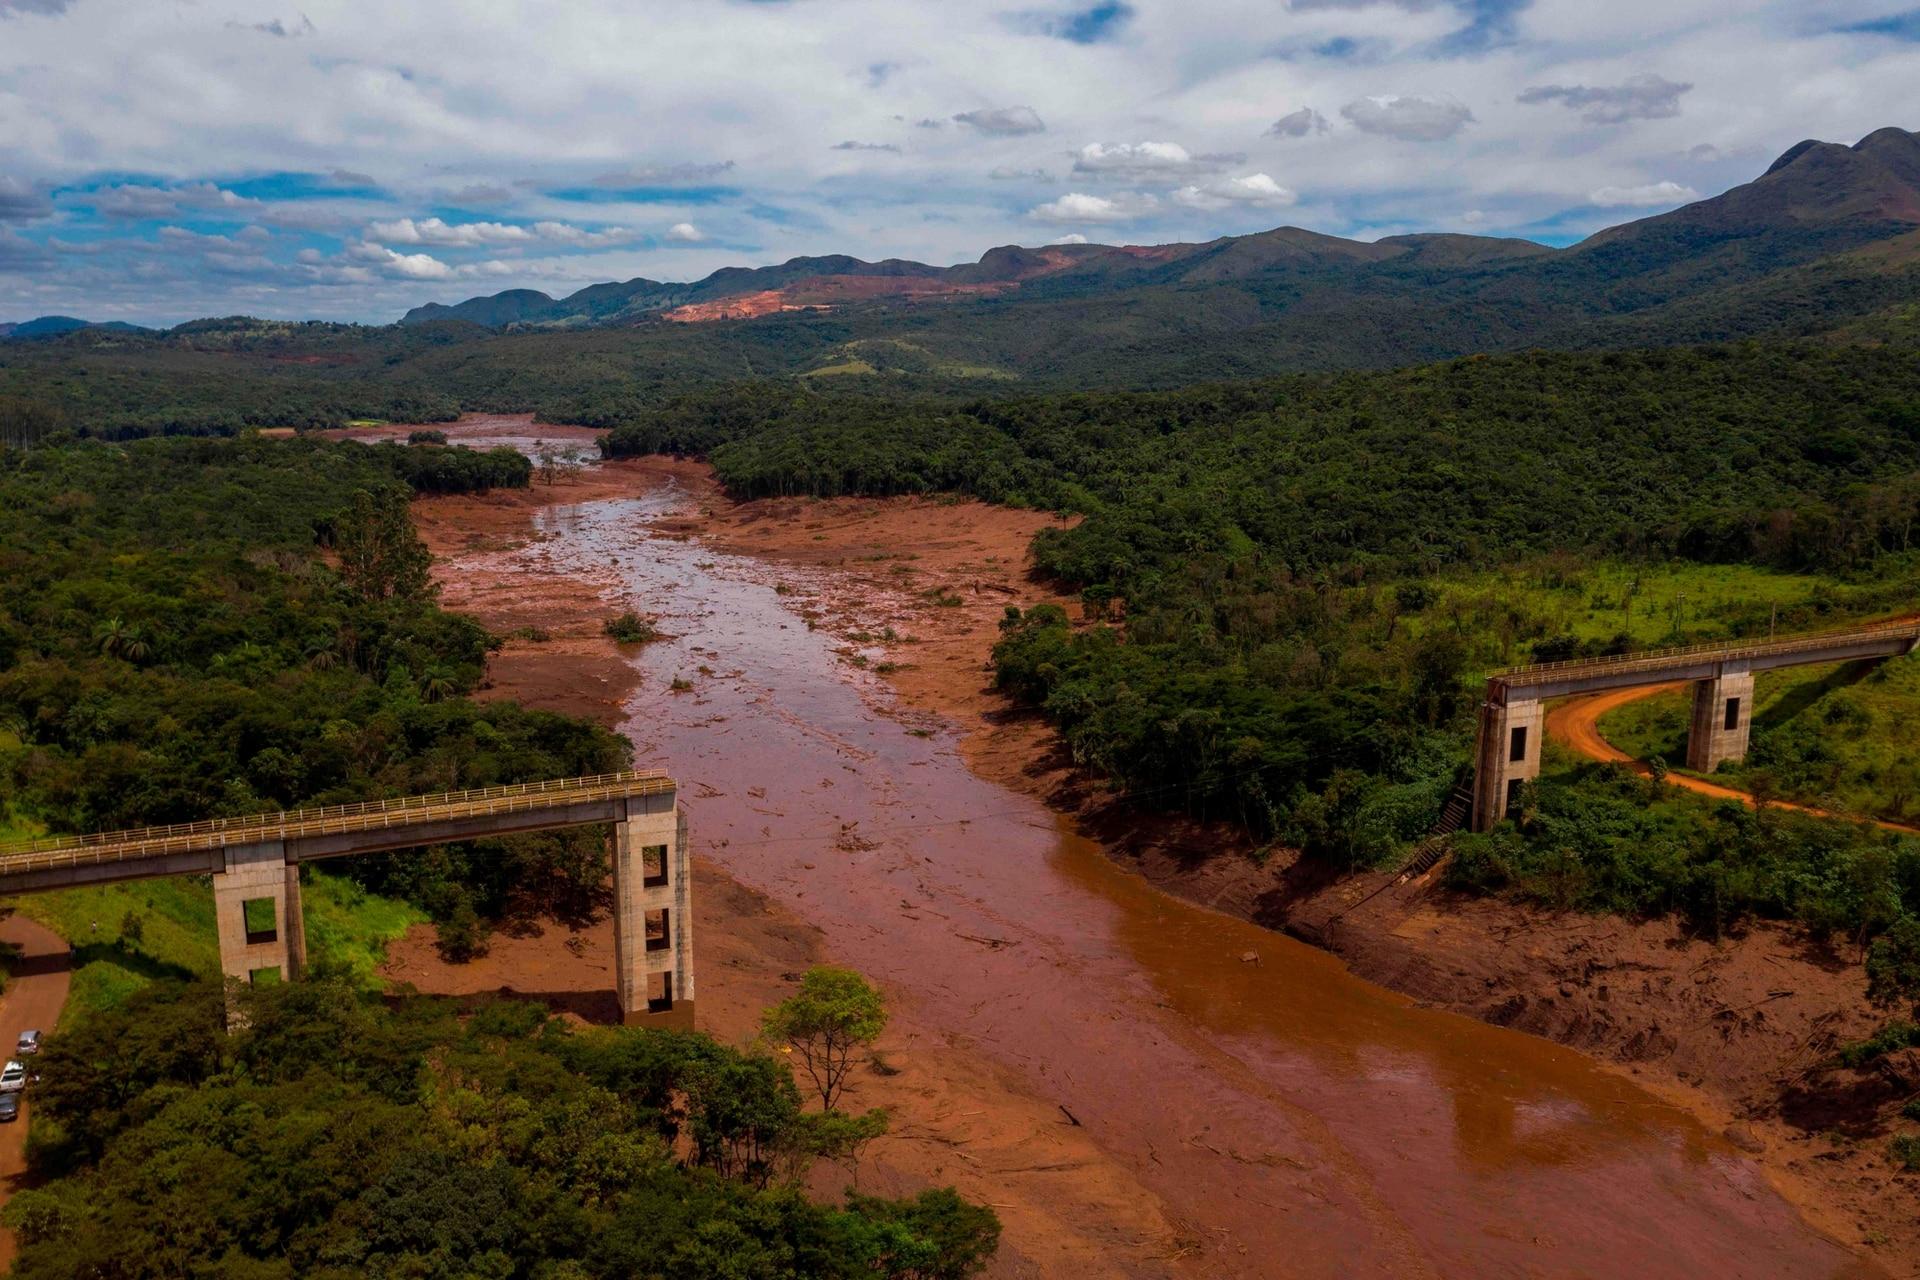 Vista aérea del puente ferroviario derribado por un alud después del colapso, el 27 de enero. Los funcionarios brasileños suspendieron el domingo la búsqueda de sobrevivientes potenciales.